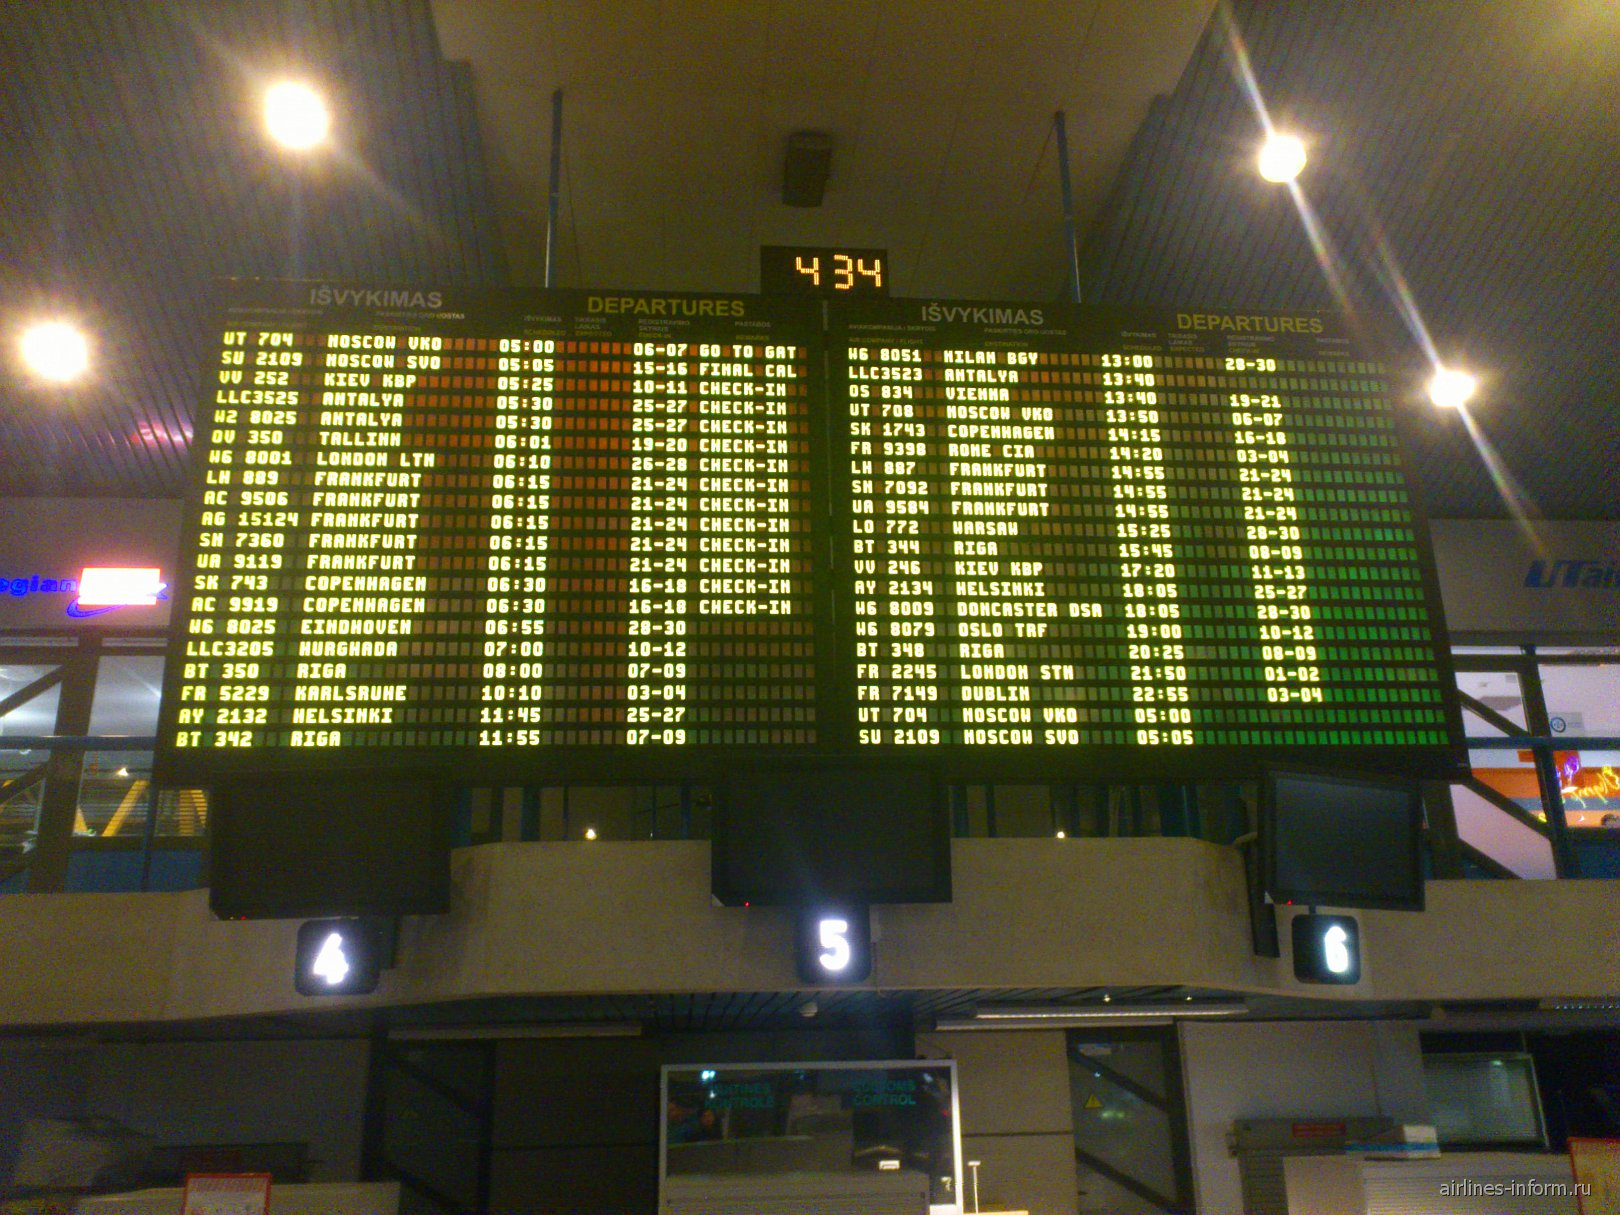 В аэропорту Вильнюс